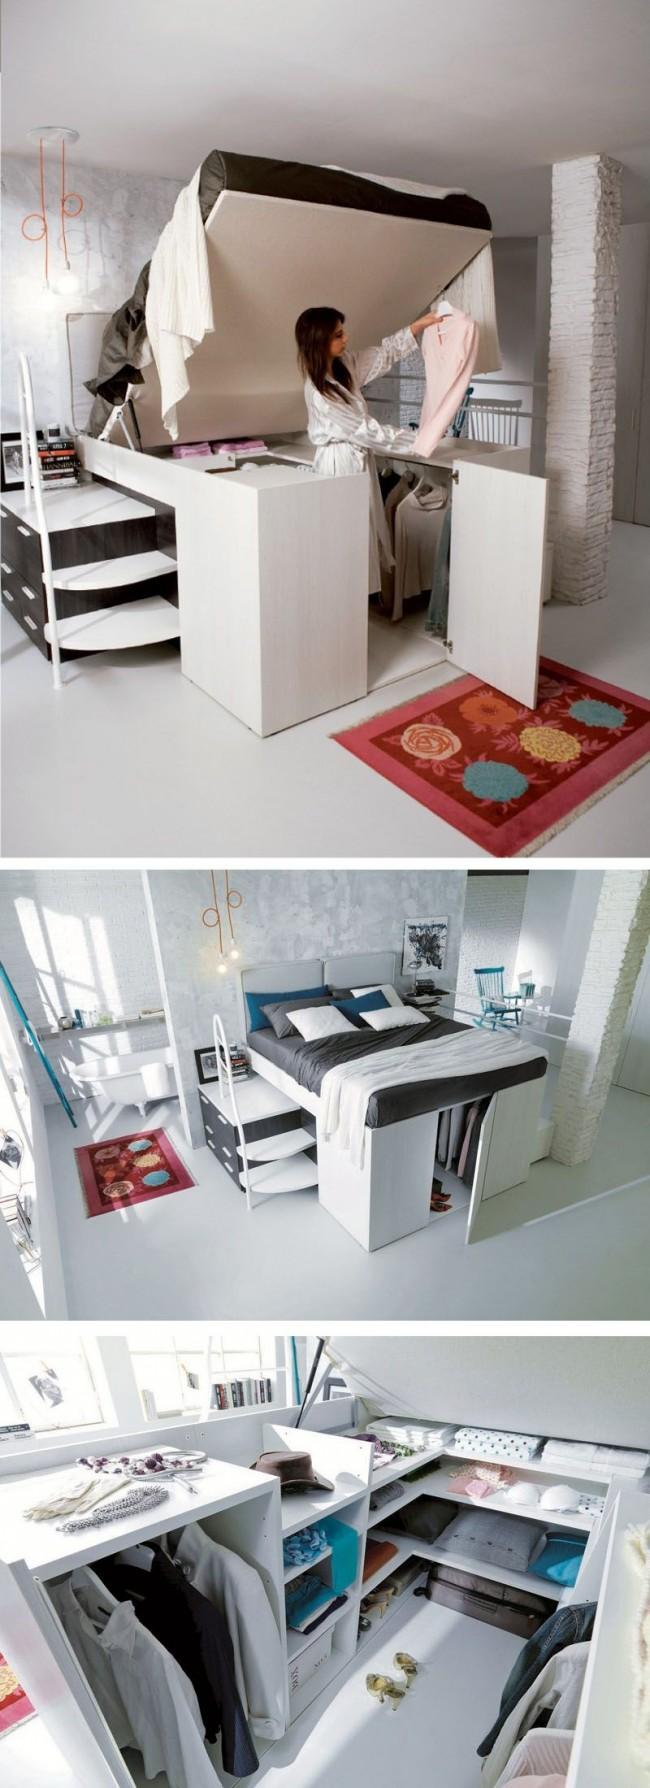 Le dressing sous le lit est une bonne solution pour un petit appartement